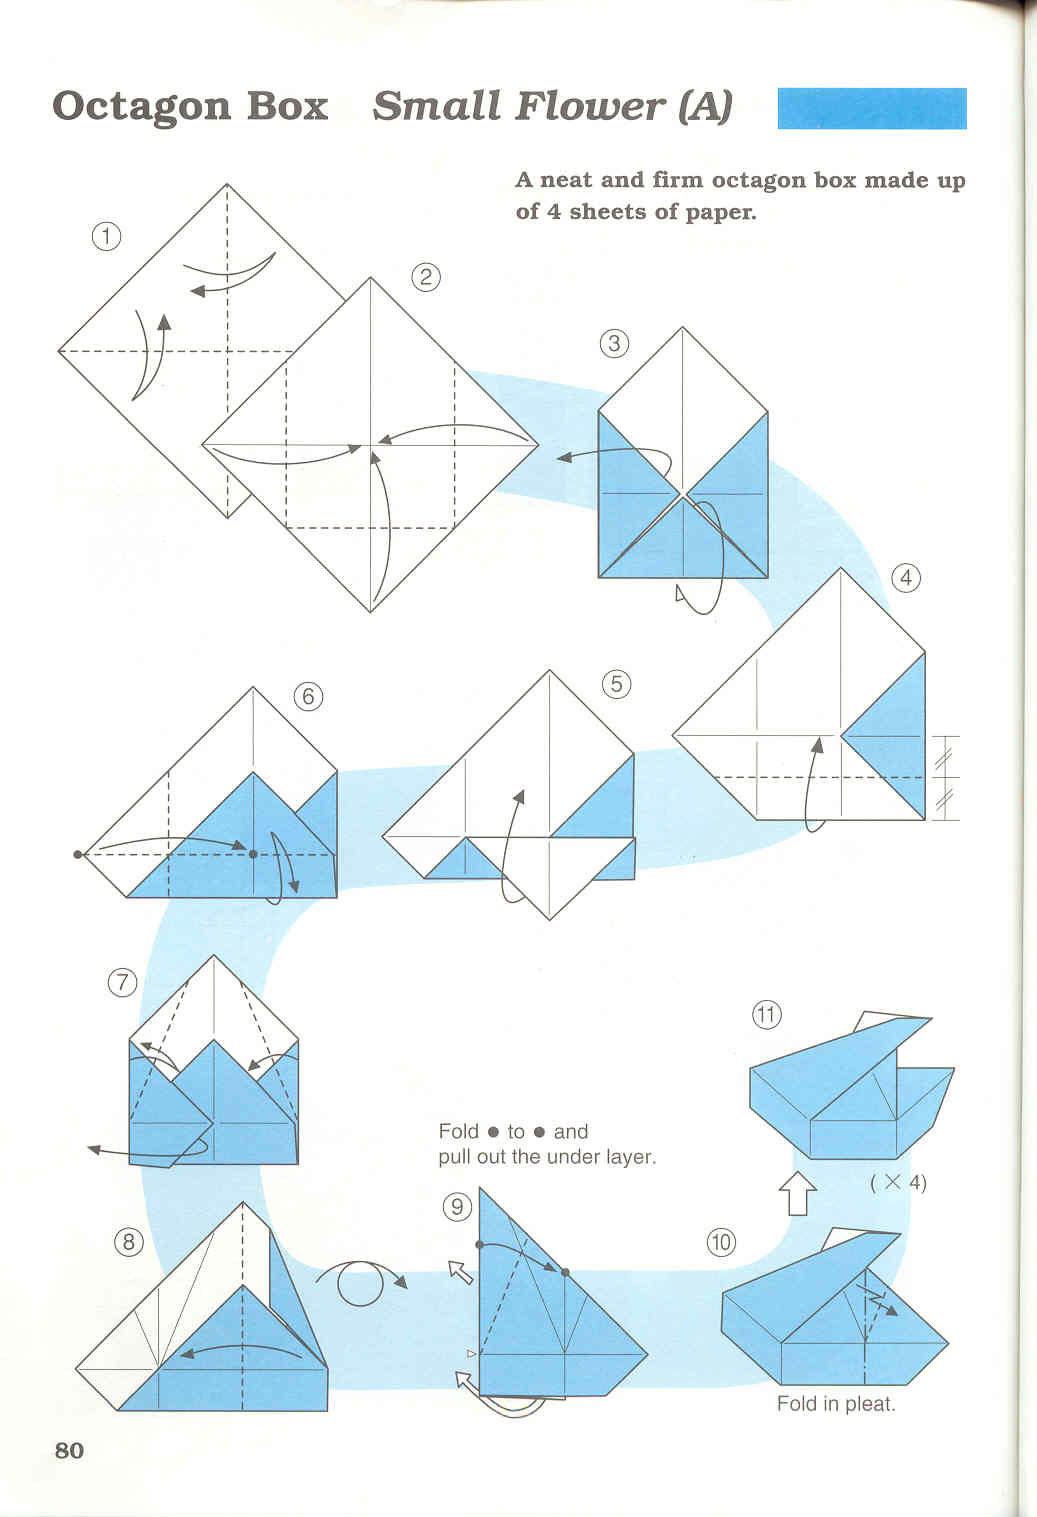 Adobracia diagrama da caixa modular octogon box small flower a adobracia diagrama da caixa modular octogon box small flower a jeuxipadfo Gallery